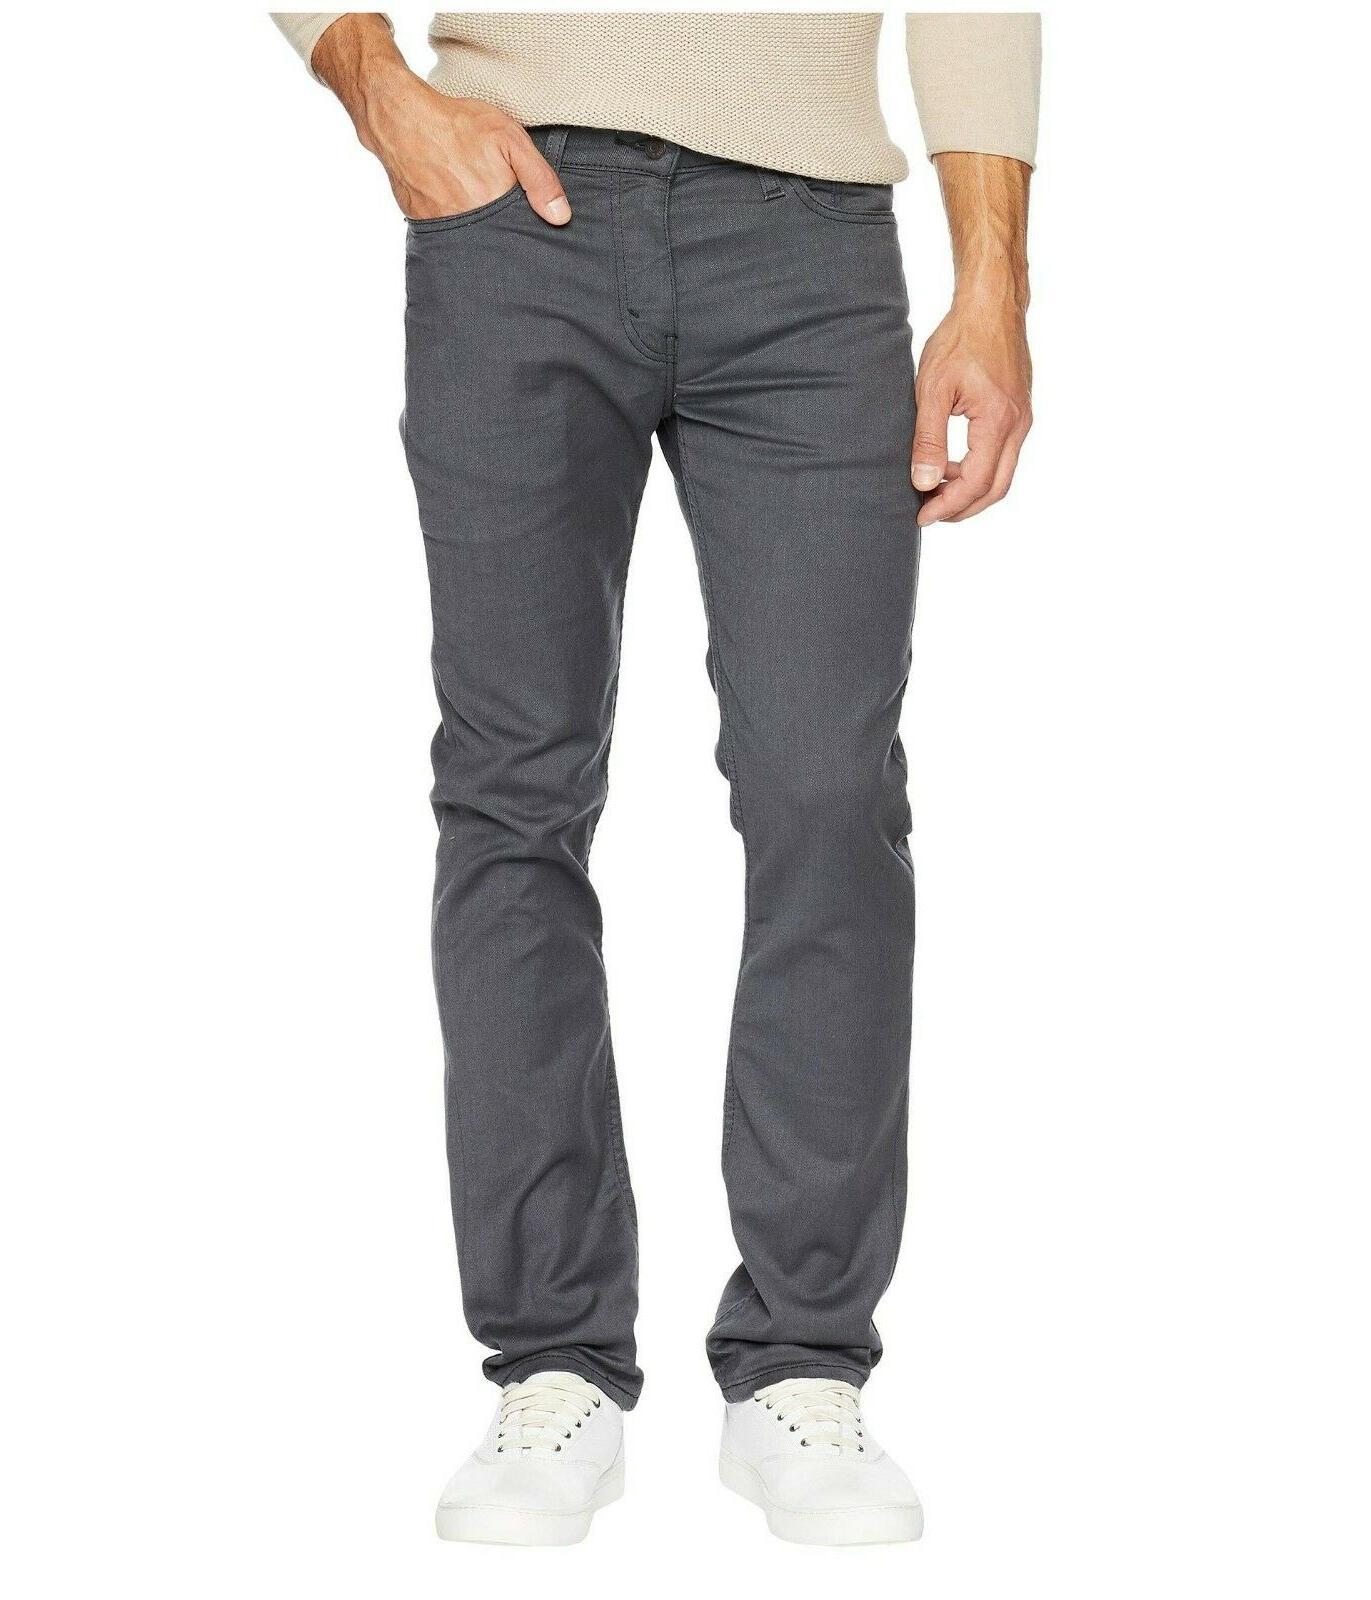 New Slim Fit Men denim bottom trouser